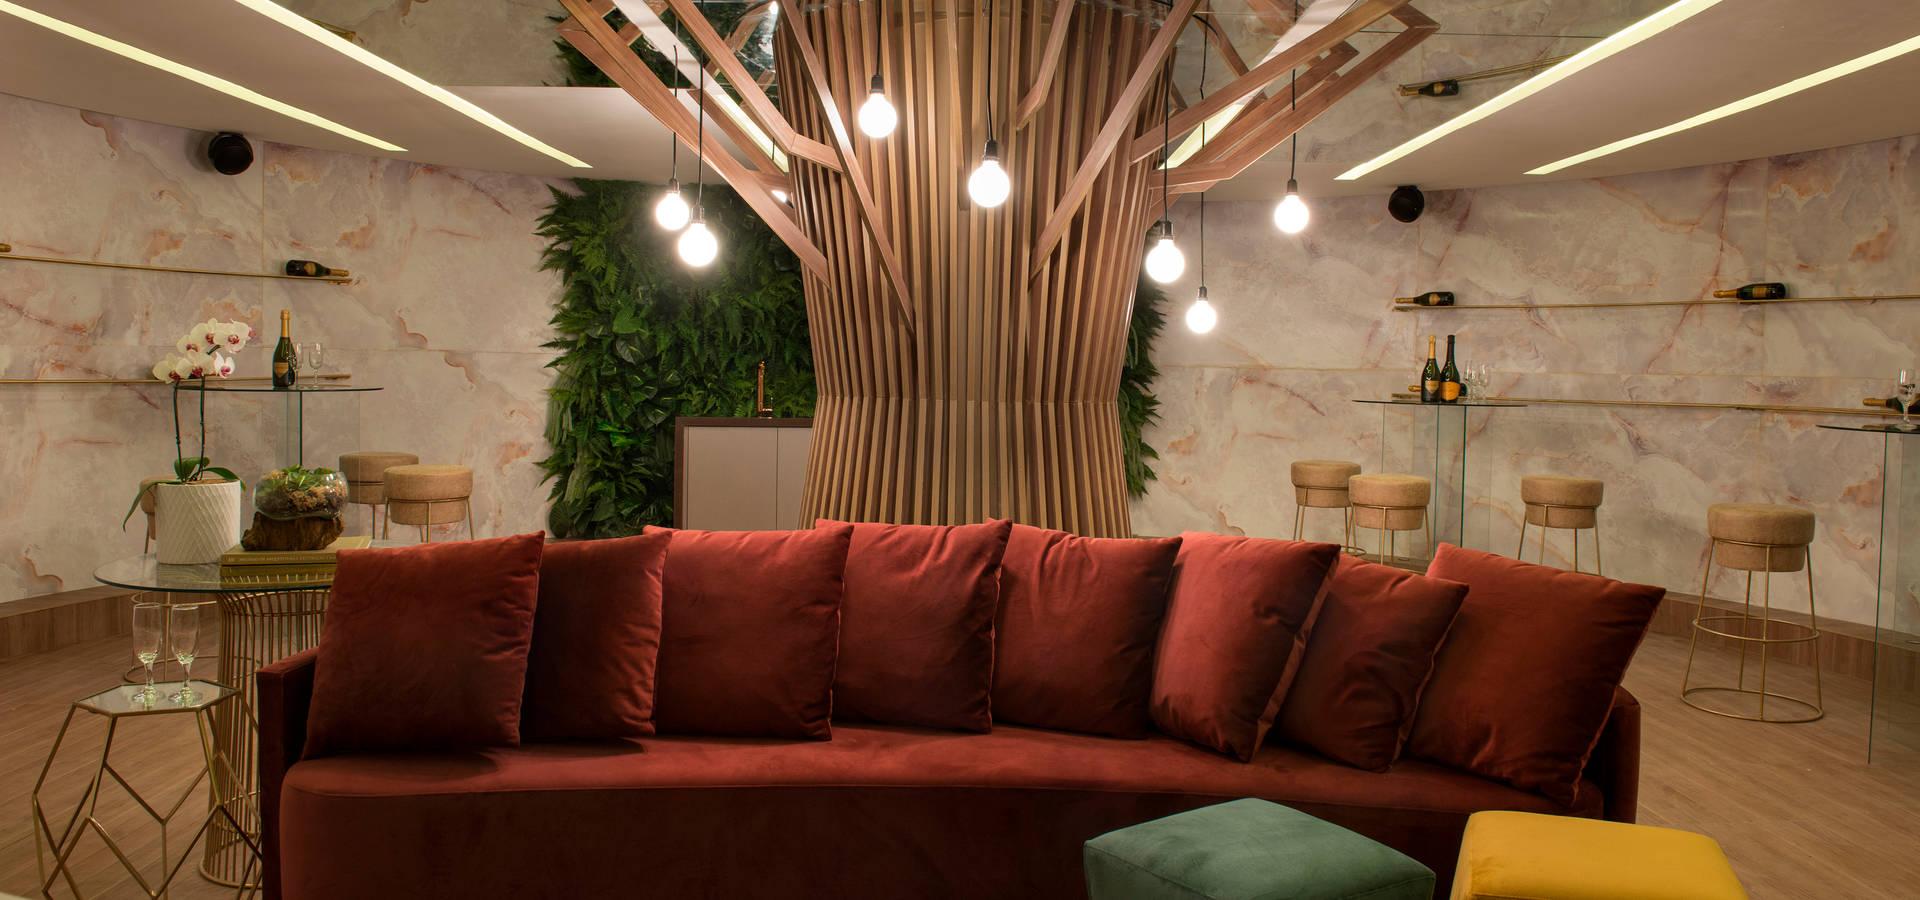 Trietto Interiores & Consultoria